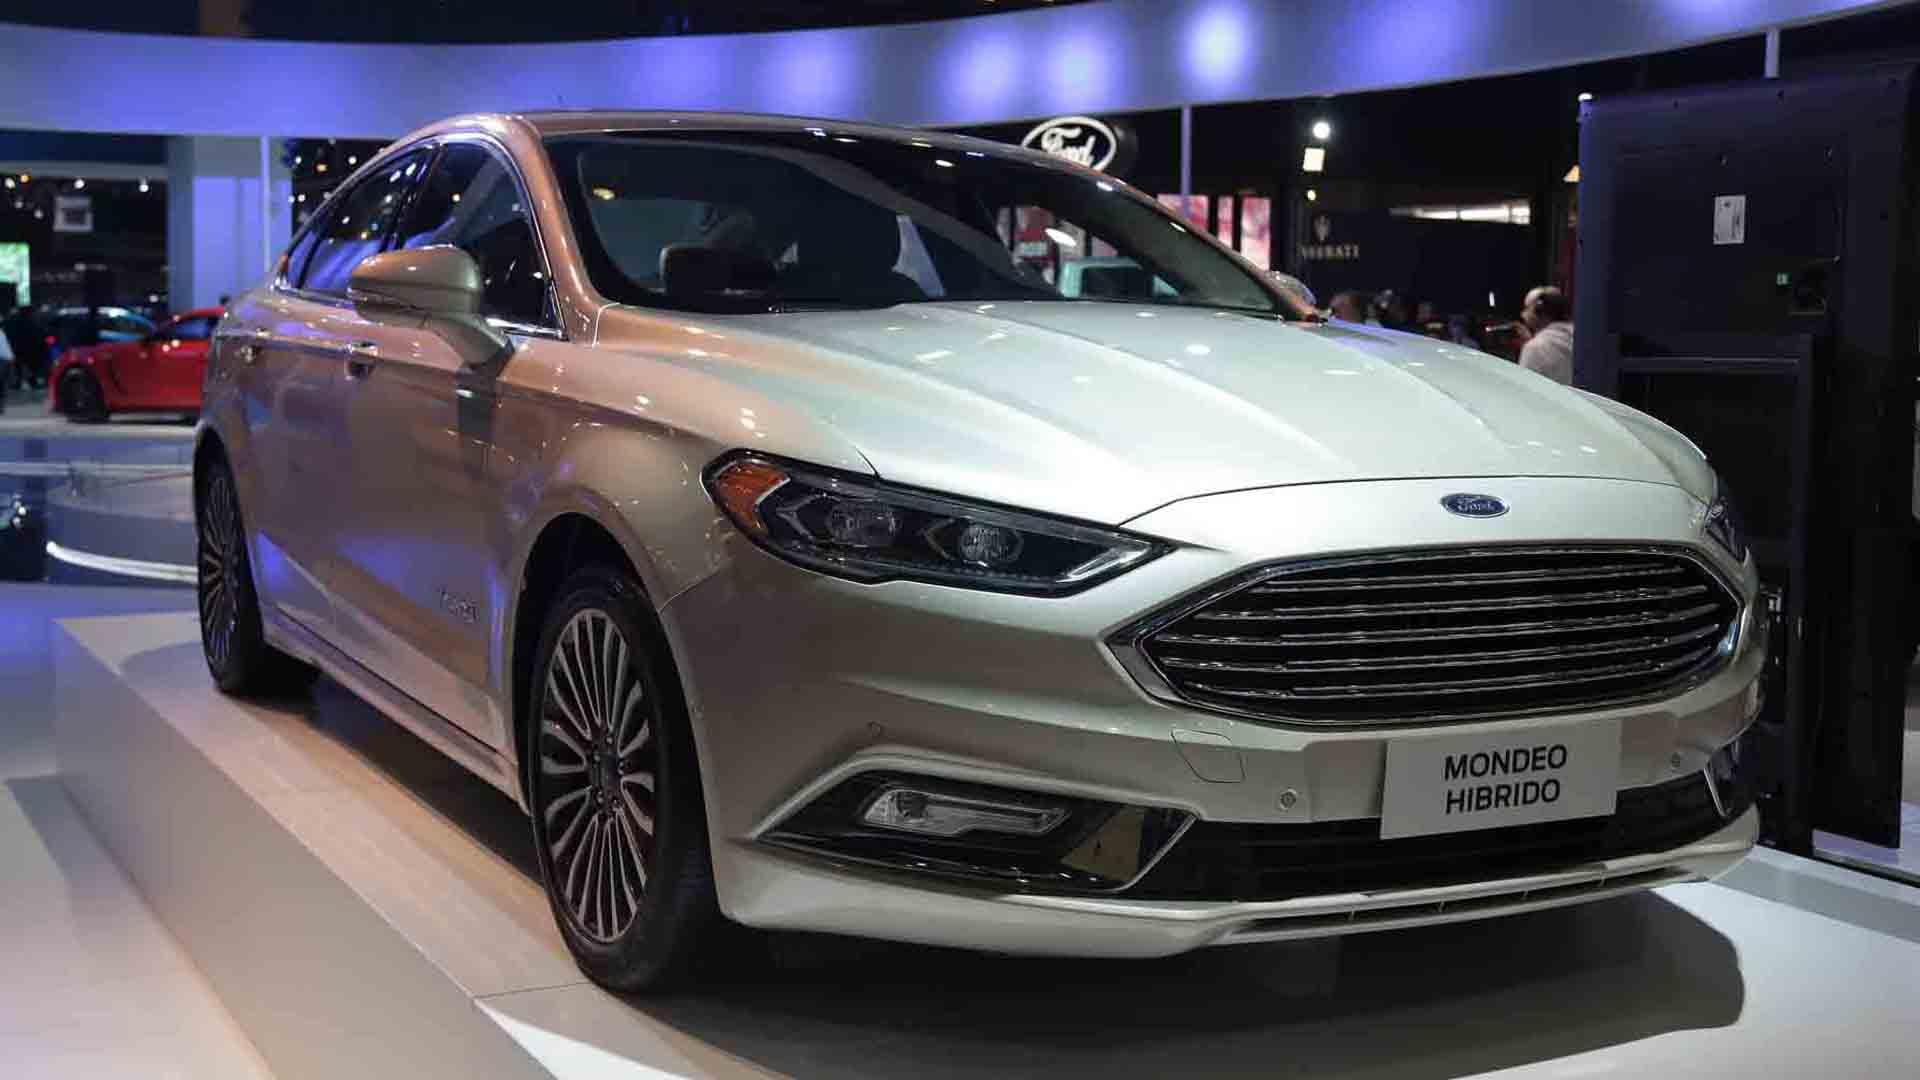 El Mondeo Hybrid es una de las propuestas de solución de movilidad innovadora de Ford